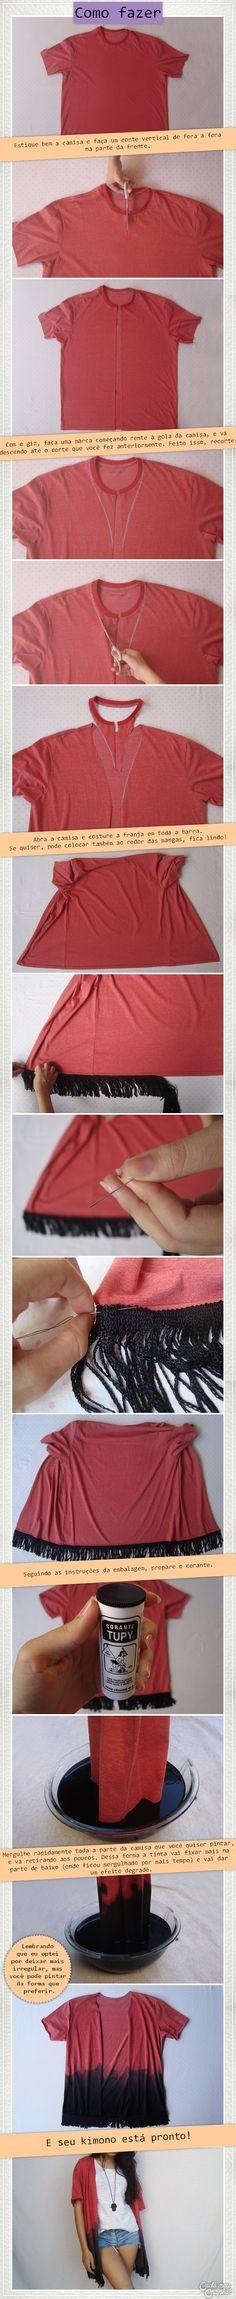 DIY Kimono fashion   DIY Fashion   DIY Quimono   More details on http://www.cademeuchapeu.com/diy-kimono